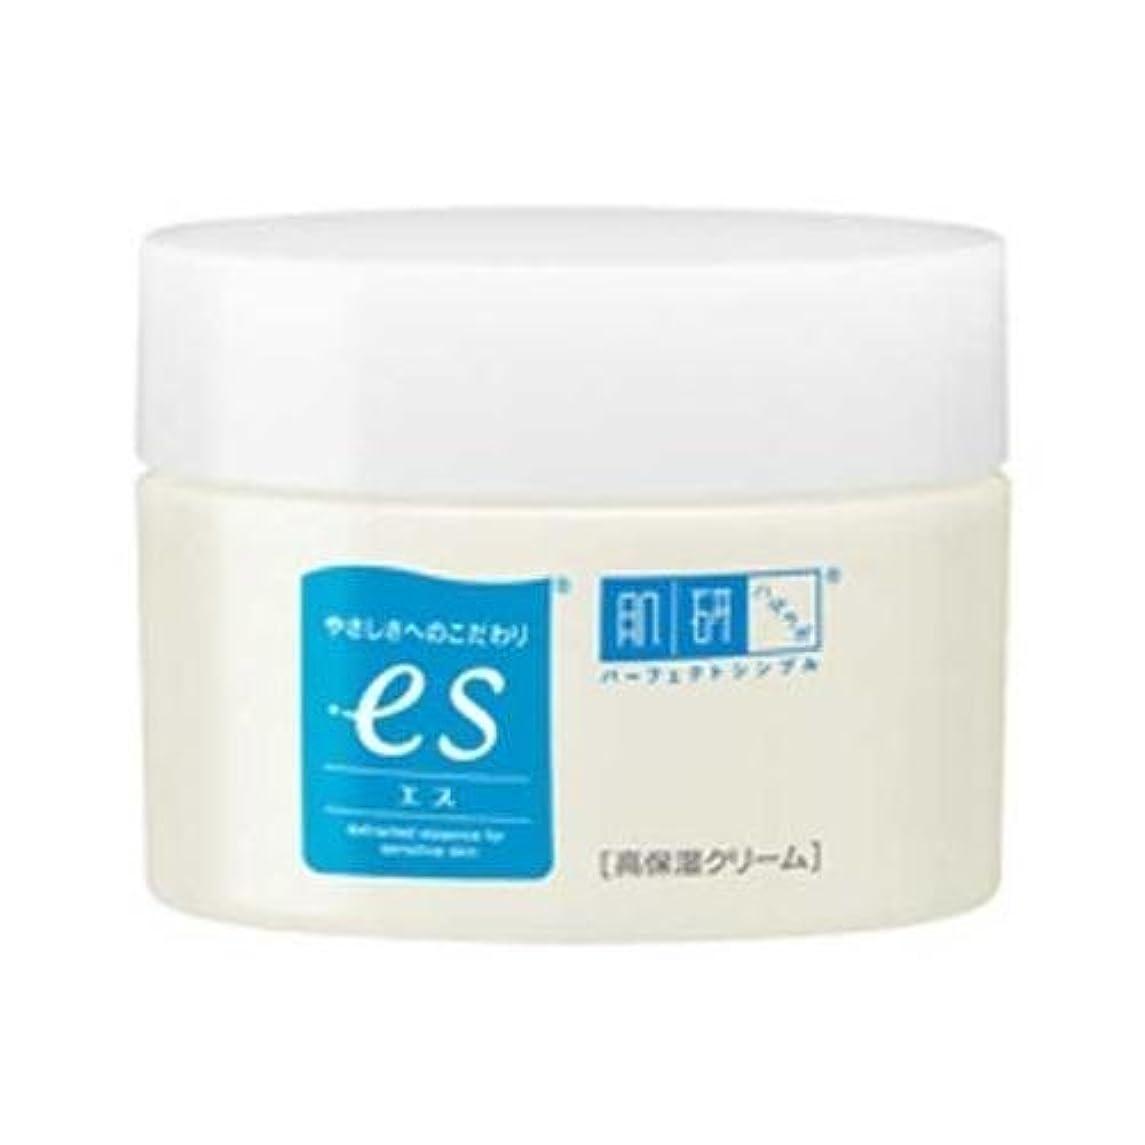 悪質な接続された再生可能肌ラボ es(エス) ナノ化ミネラルヒアルロン酸配合 無添加処方 高保湿クリーム 50g